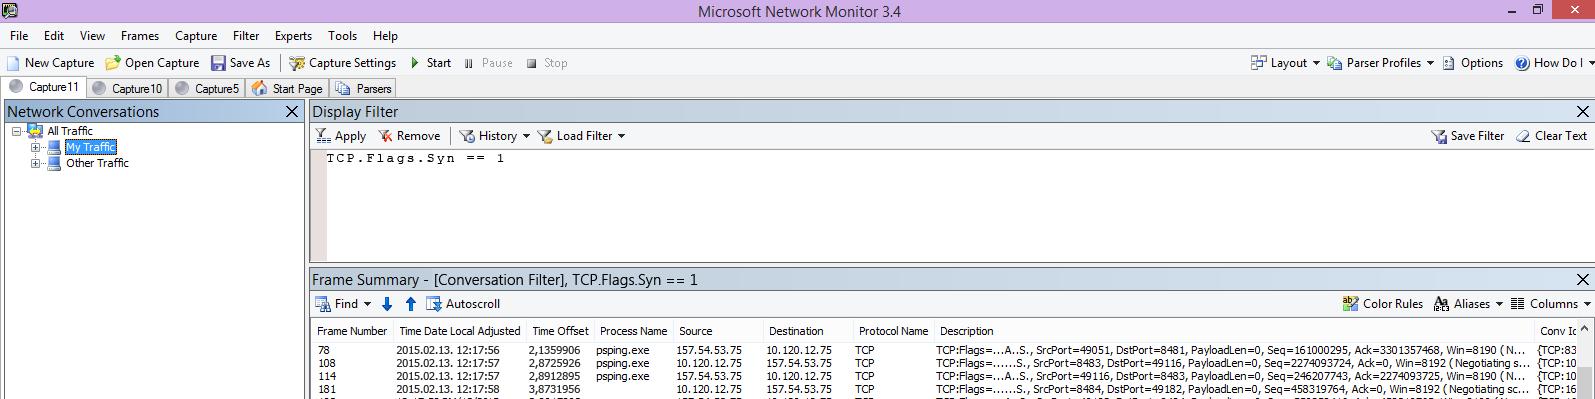 Netmon-nyomkövetés az ügyfélből, ugyanazt a PSPing parancsot használva a TCP.Flags.Syn == 1 szűrőn keresztül